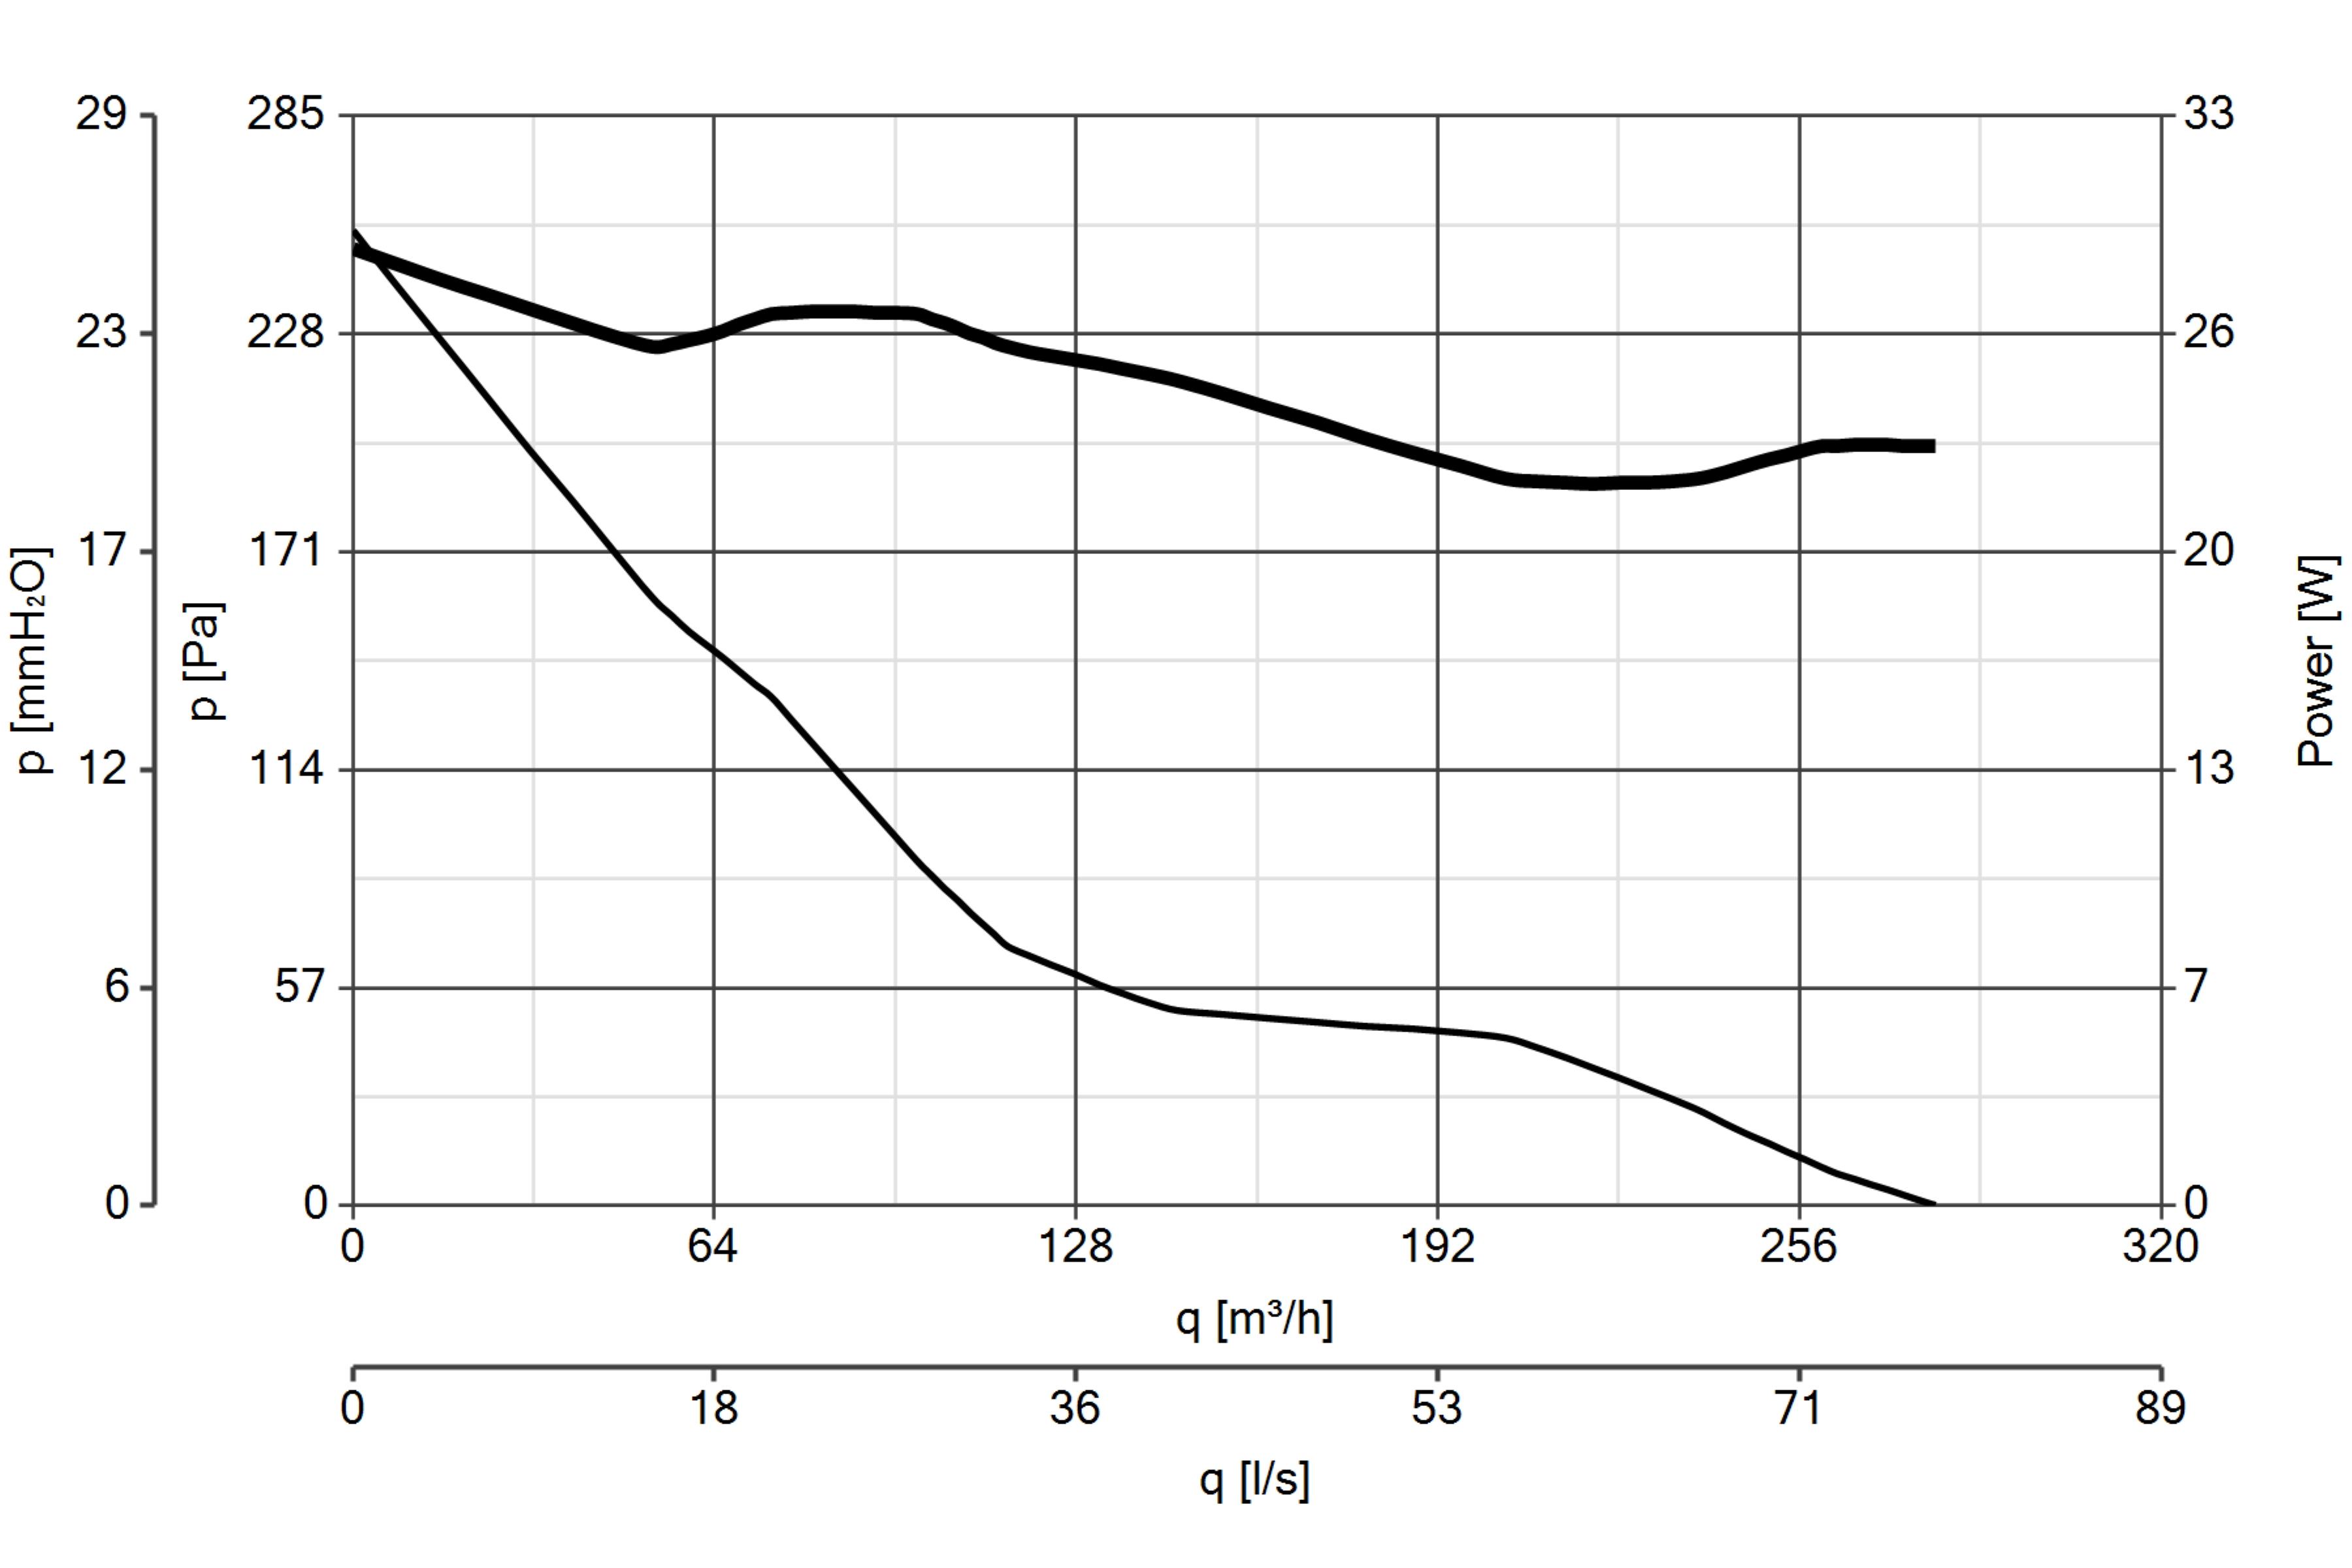 Schema Elettrico Ventilatore A Soffitto Vortice : Ventilatori soffitto vortice images ventilatore a